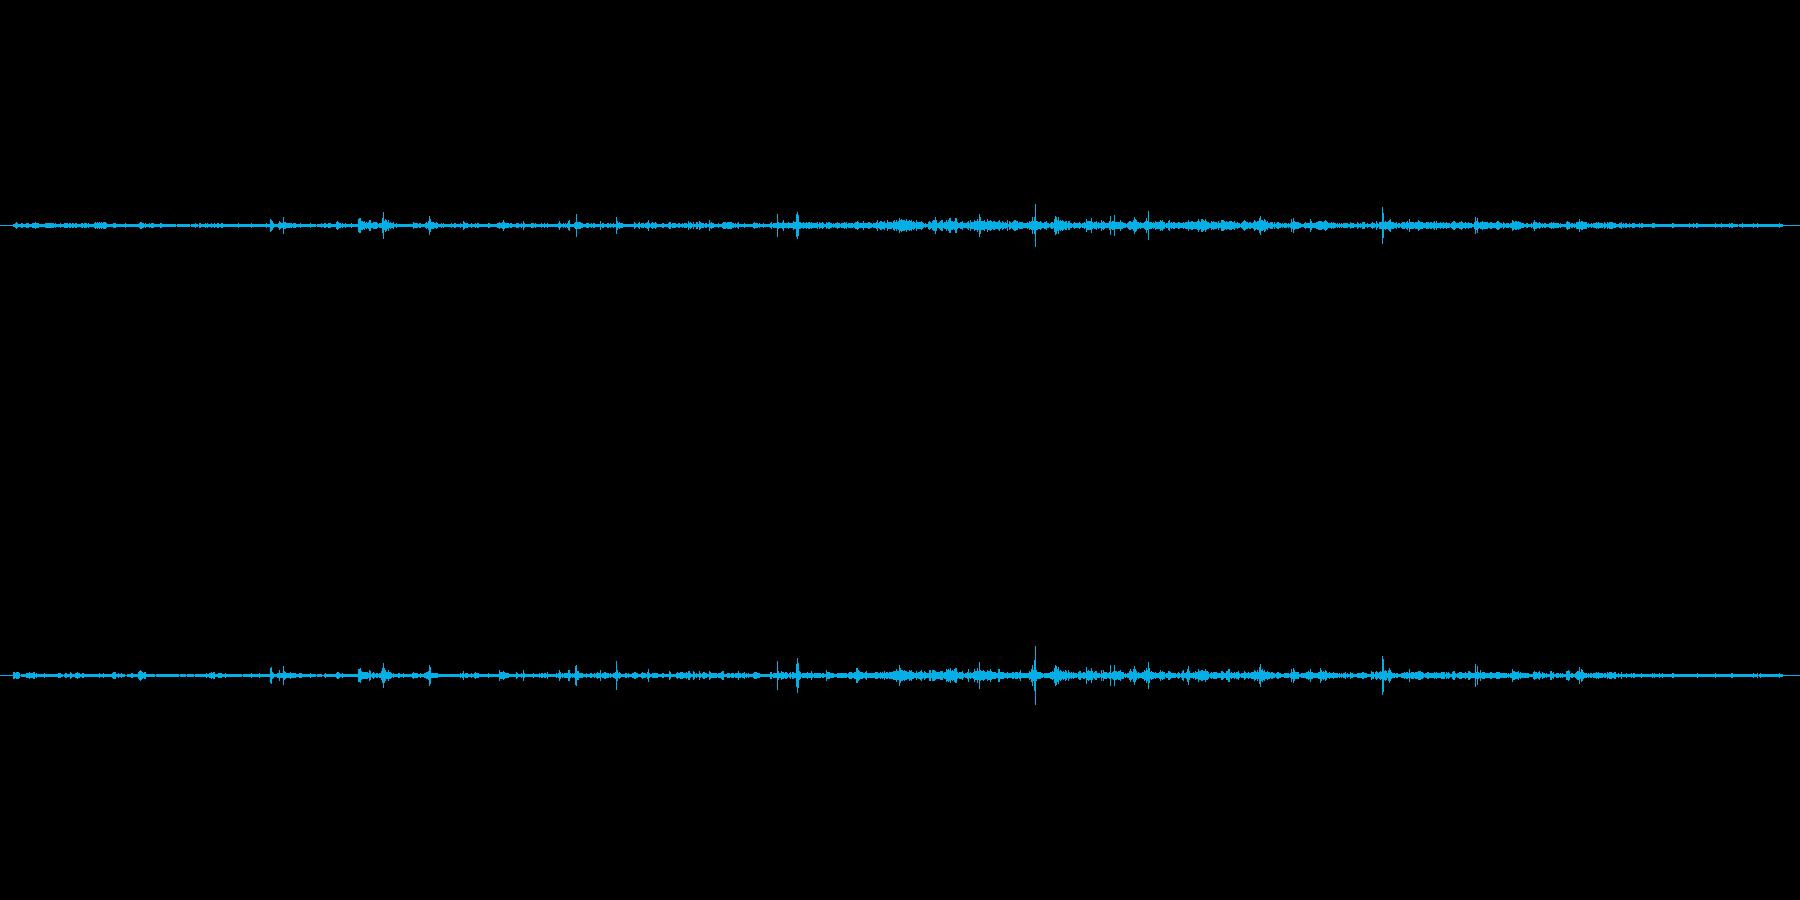 【生音】水の落ちる音(ちょろろーー) …の再生済みの波形